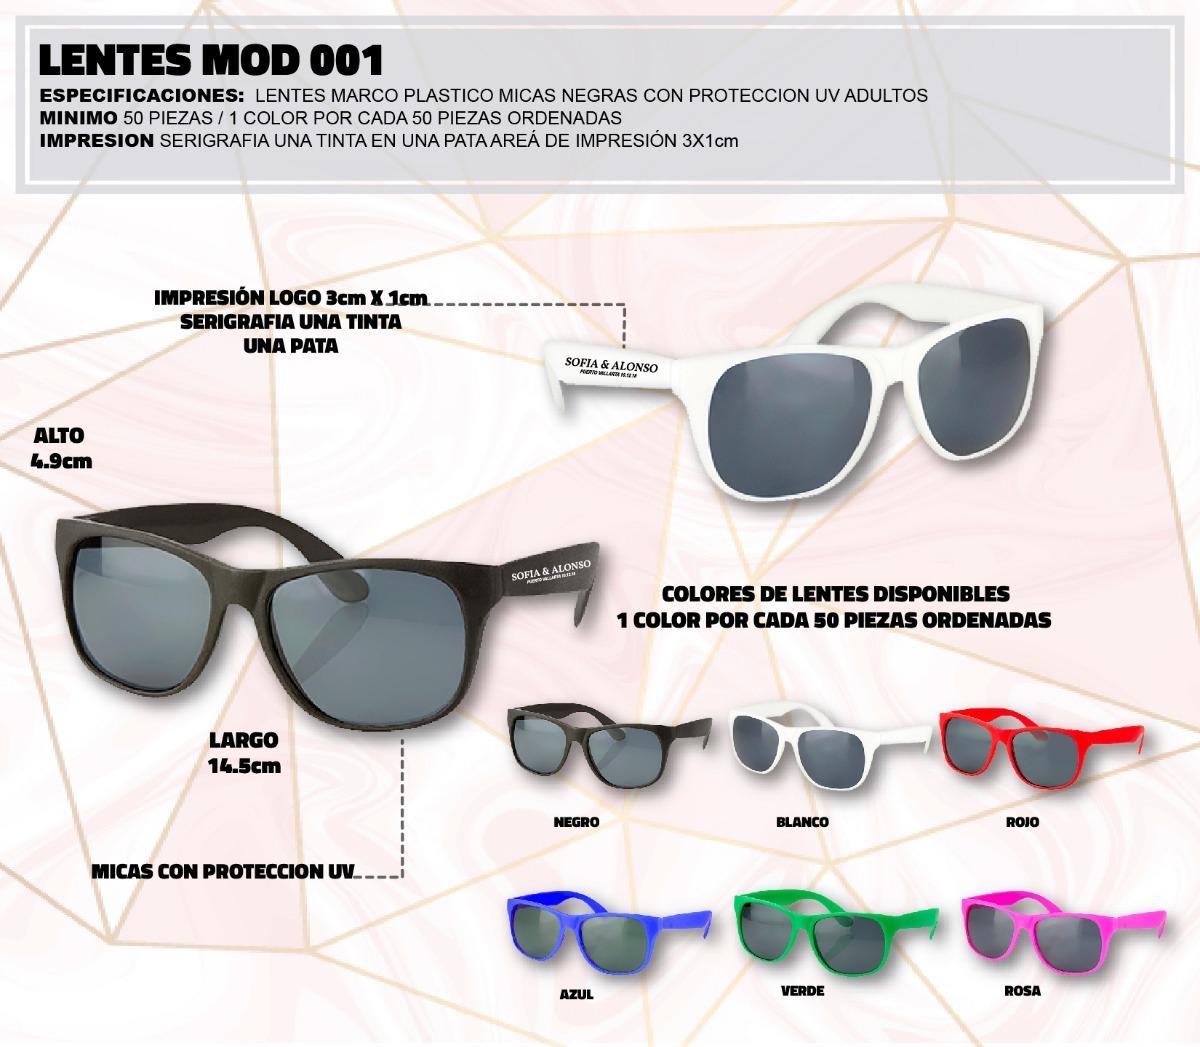 8494de2c18 lentes gafas sol personalizados boda eventos quinceañera. Cargando zoom.